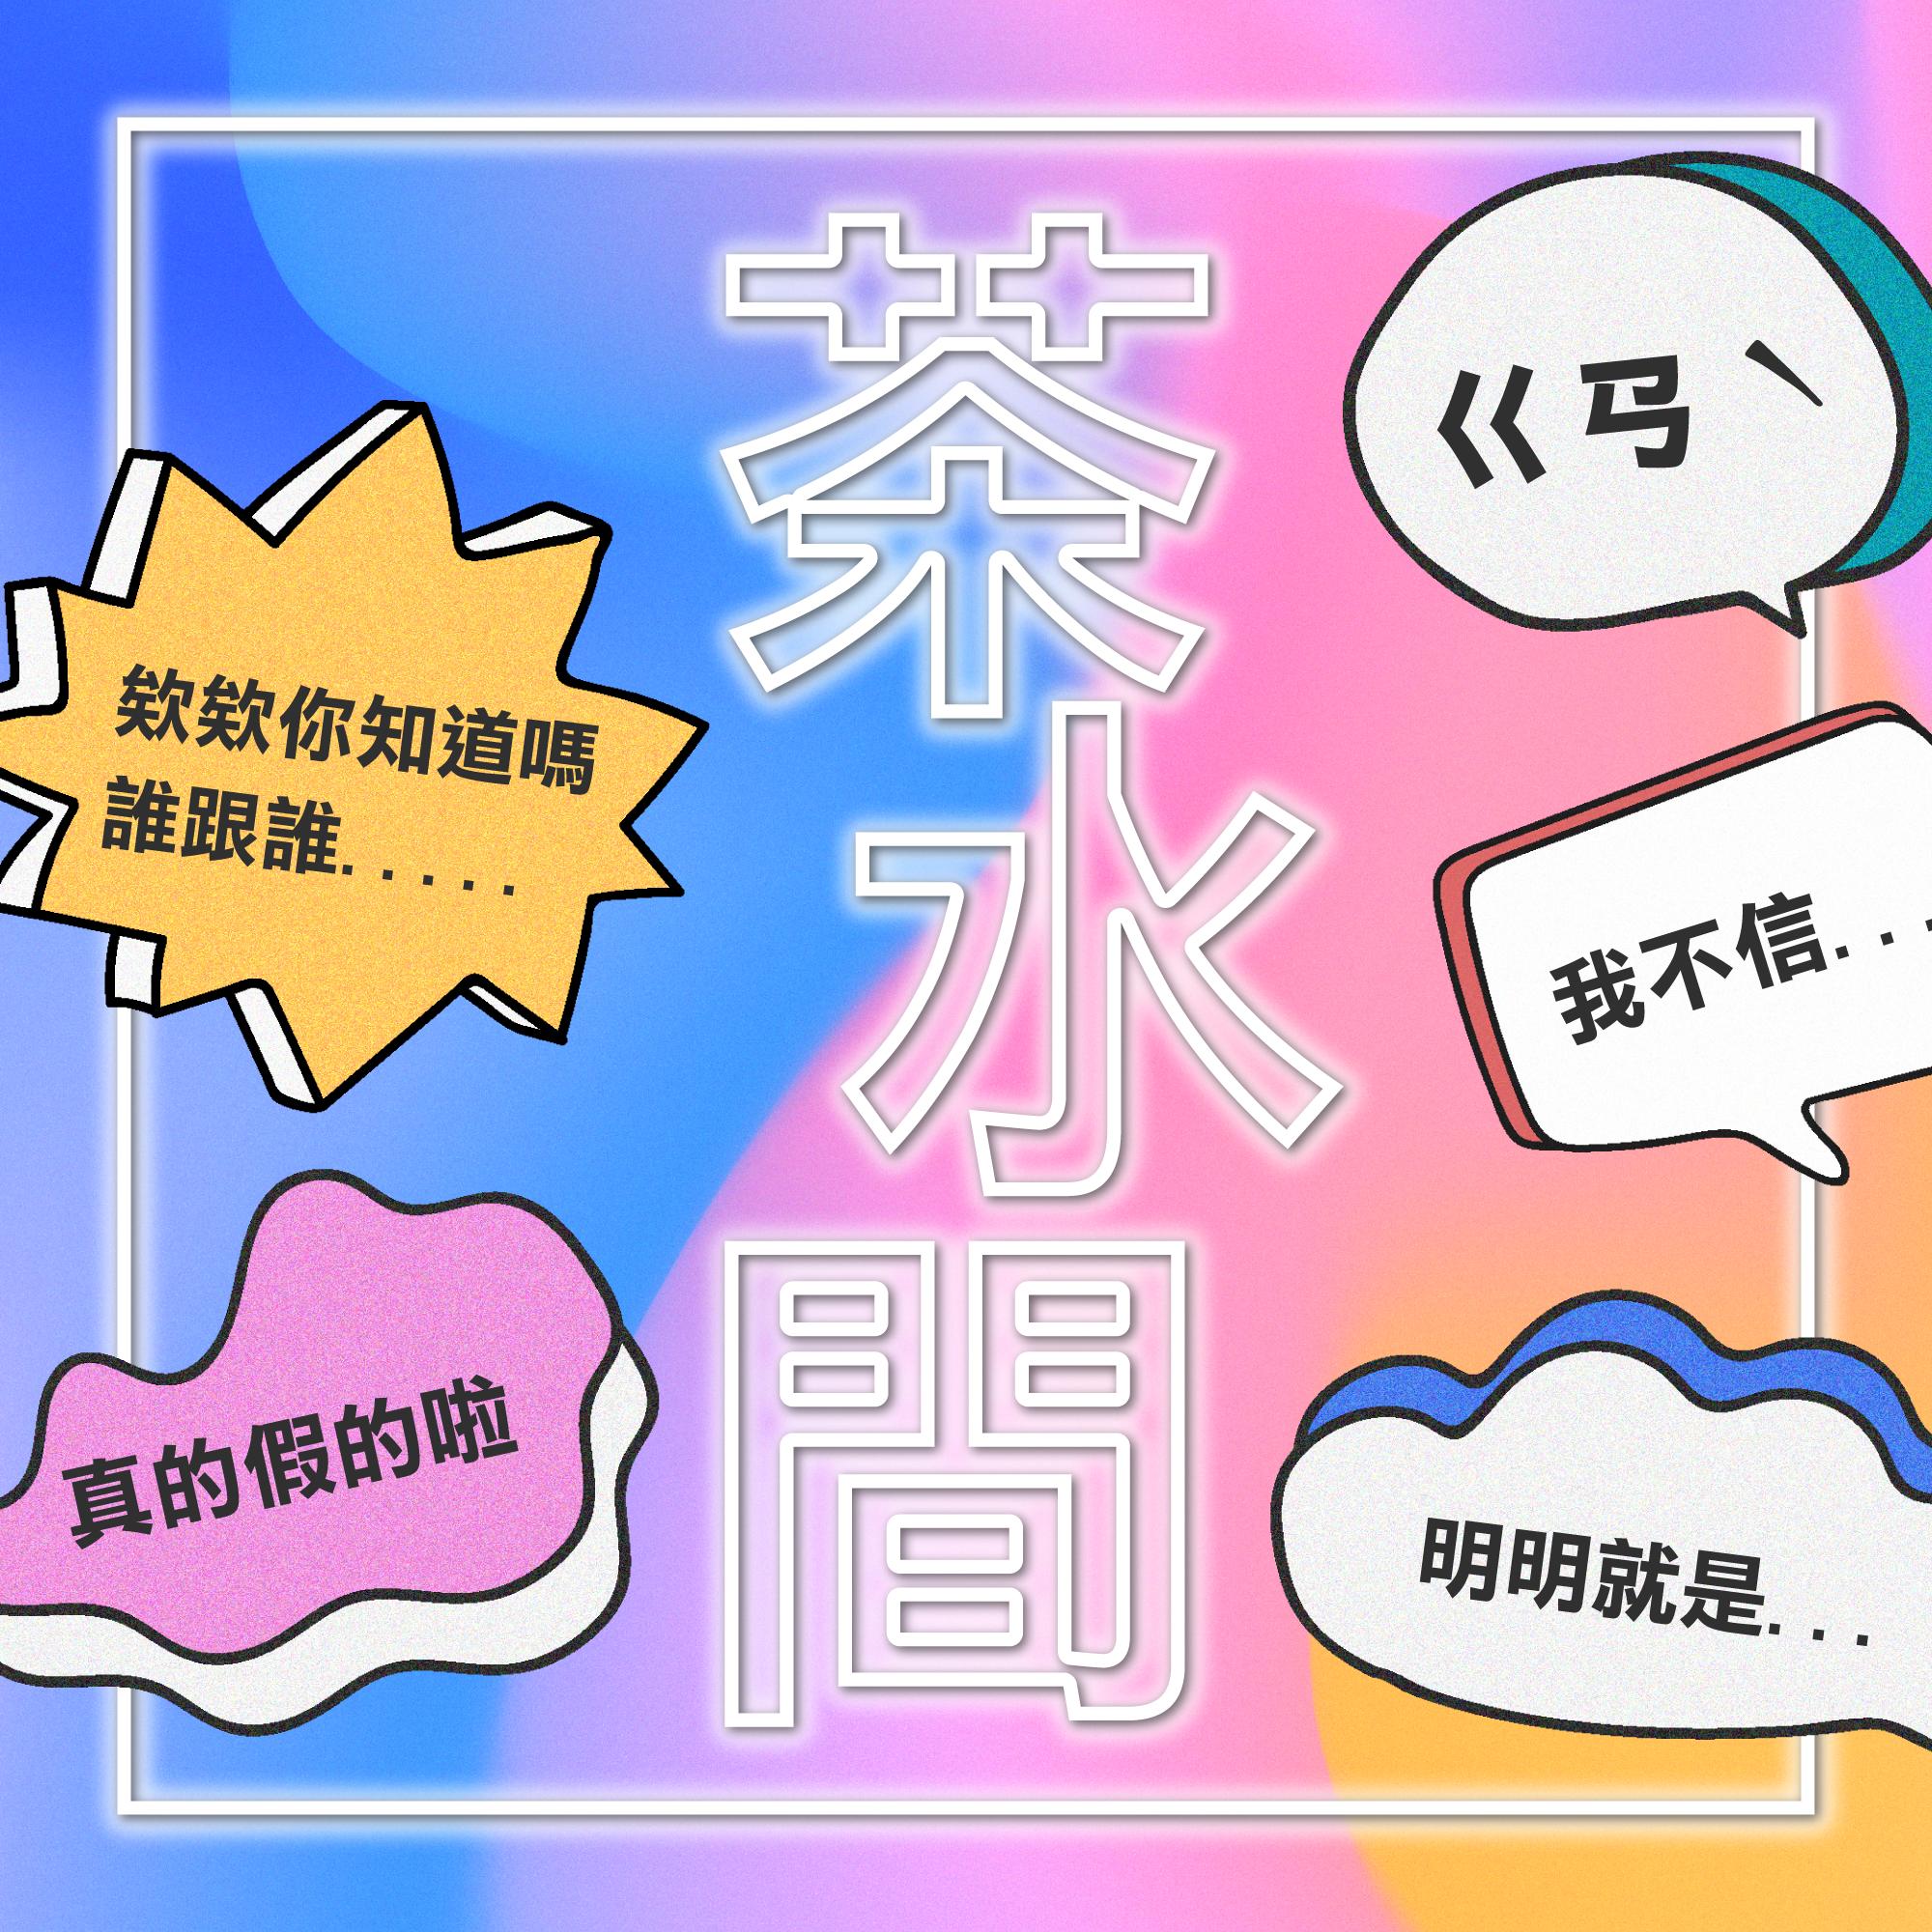 【茶水間偷客兄】麥來翻啦-EP.1辦公室戀情 feat.一路、小育